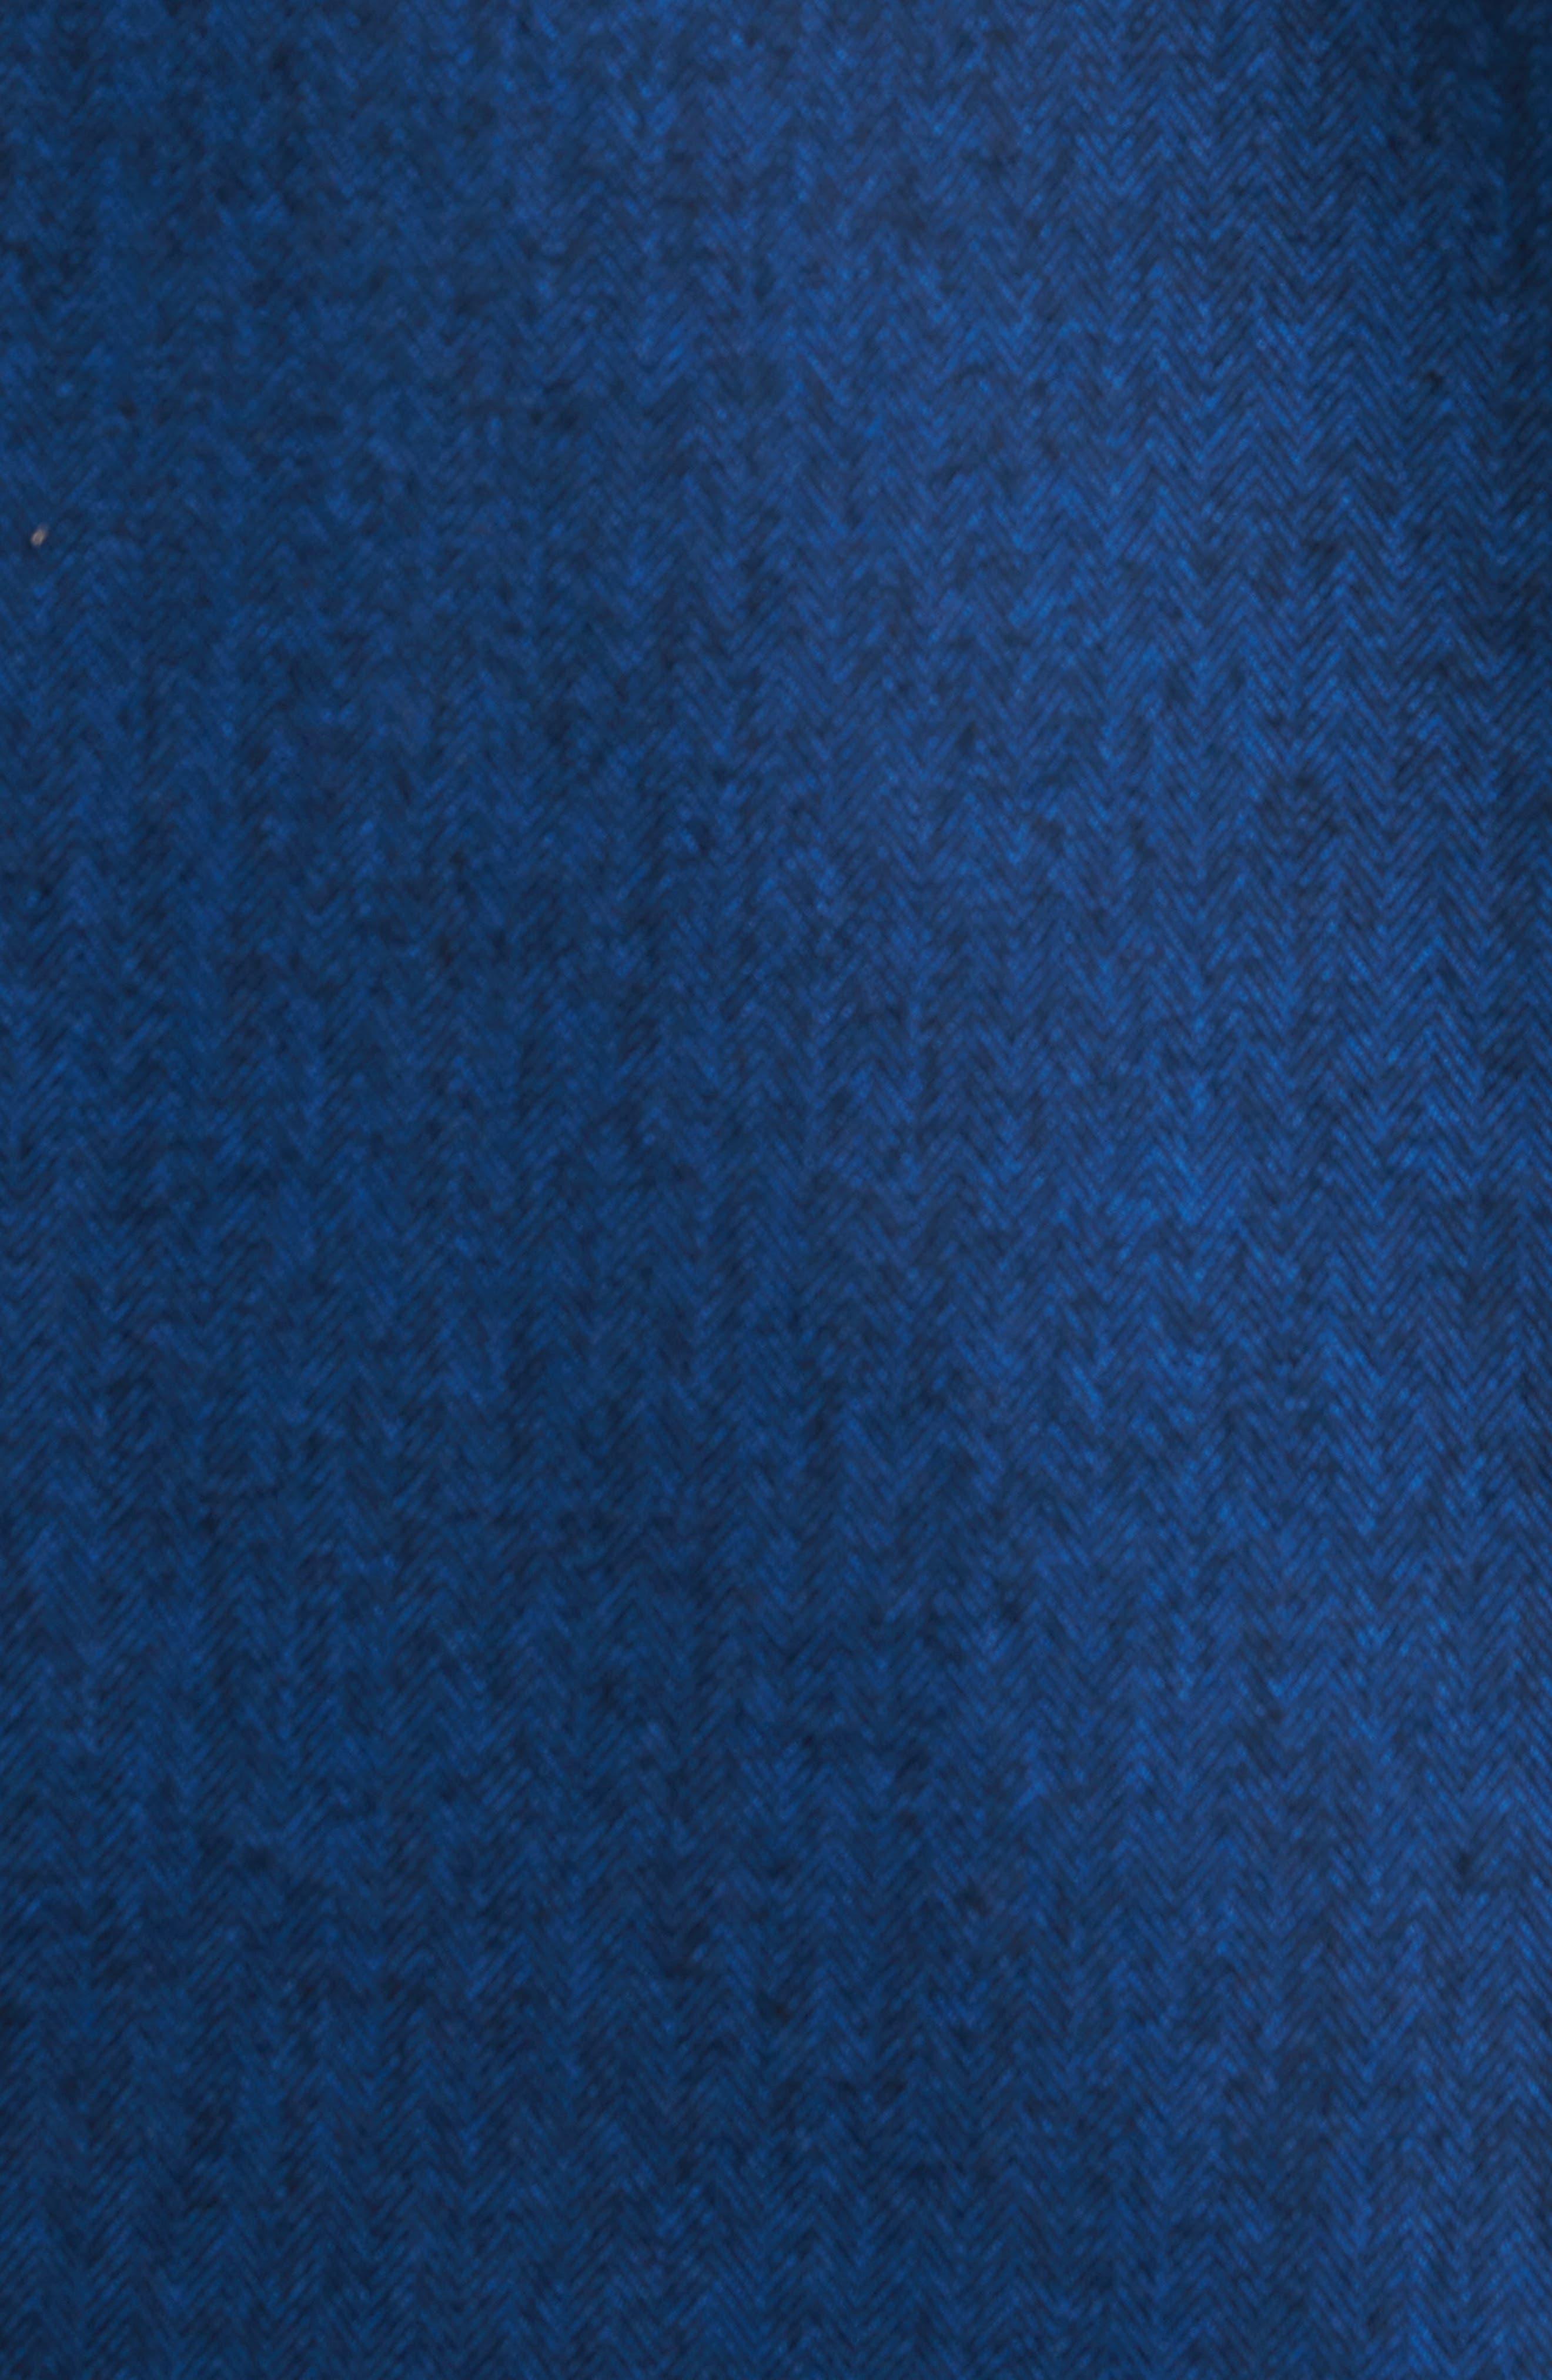 Grafton Slim Fit Herringbone Sport Shirt,                             Alternate thumbnail 5, color,                             410